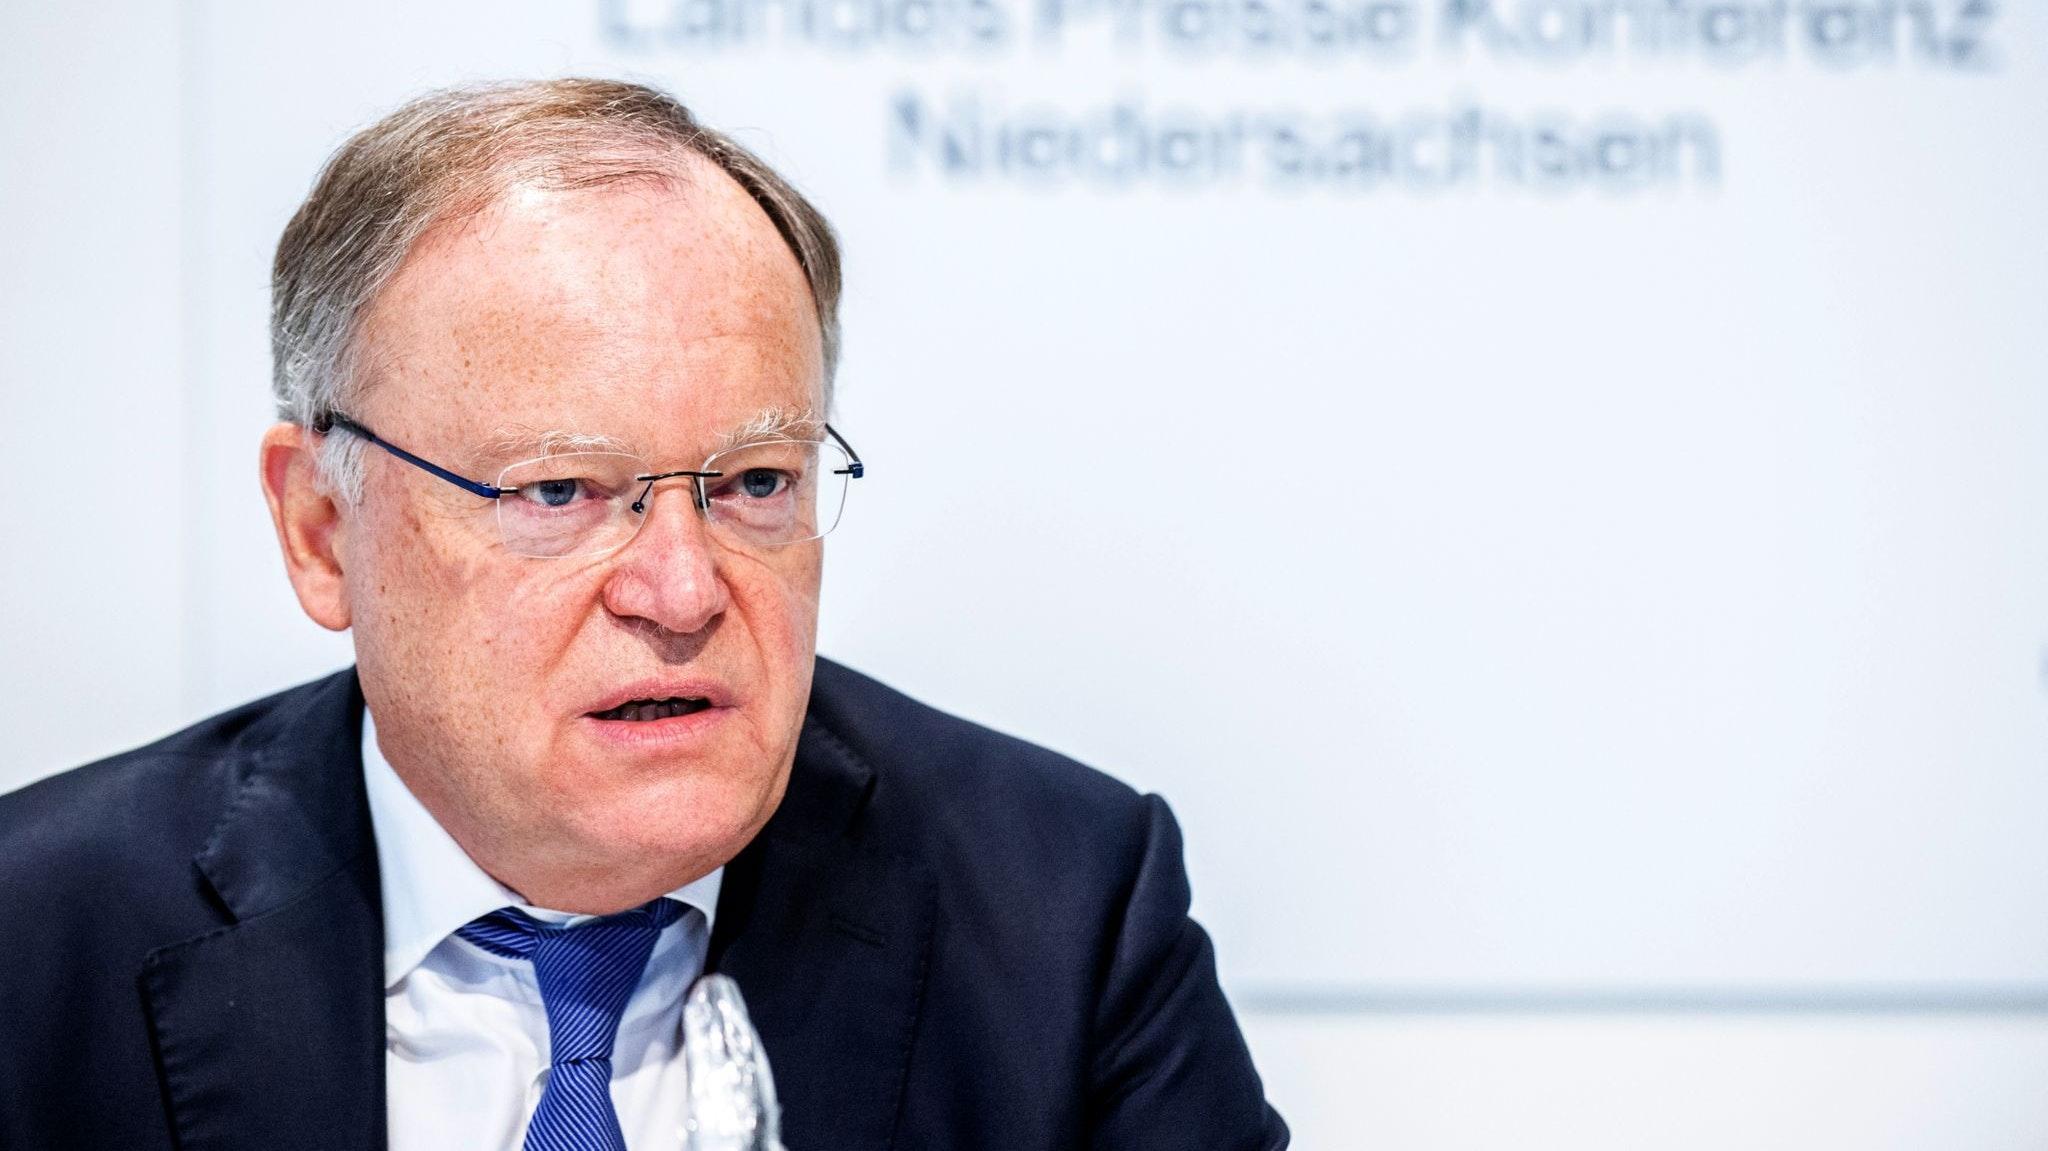 Berät im Landtag über die aktuelle Lage: Ministerpräsident Stephan Weil (SPD). Foto: dpa/Dittrich